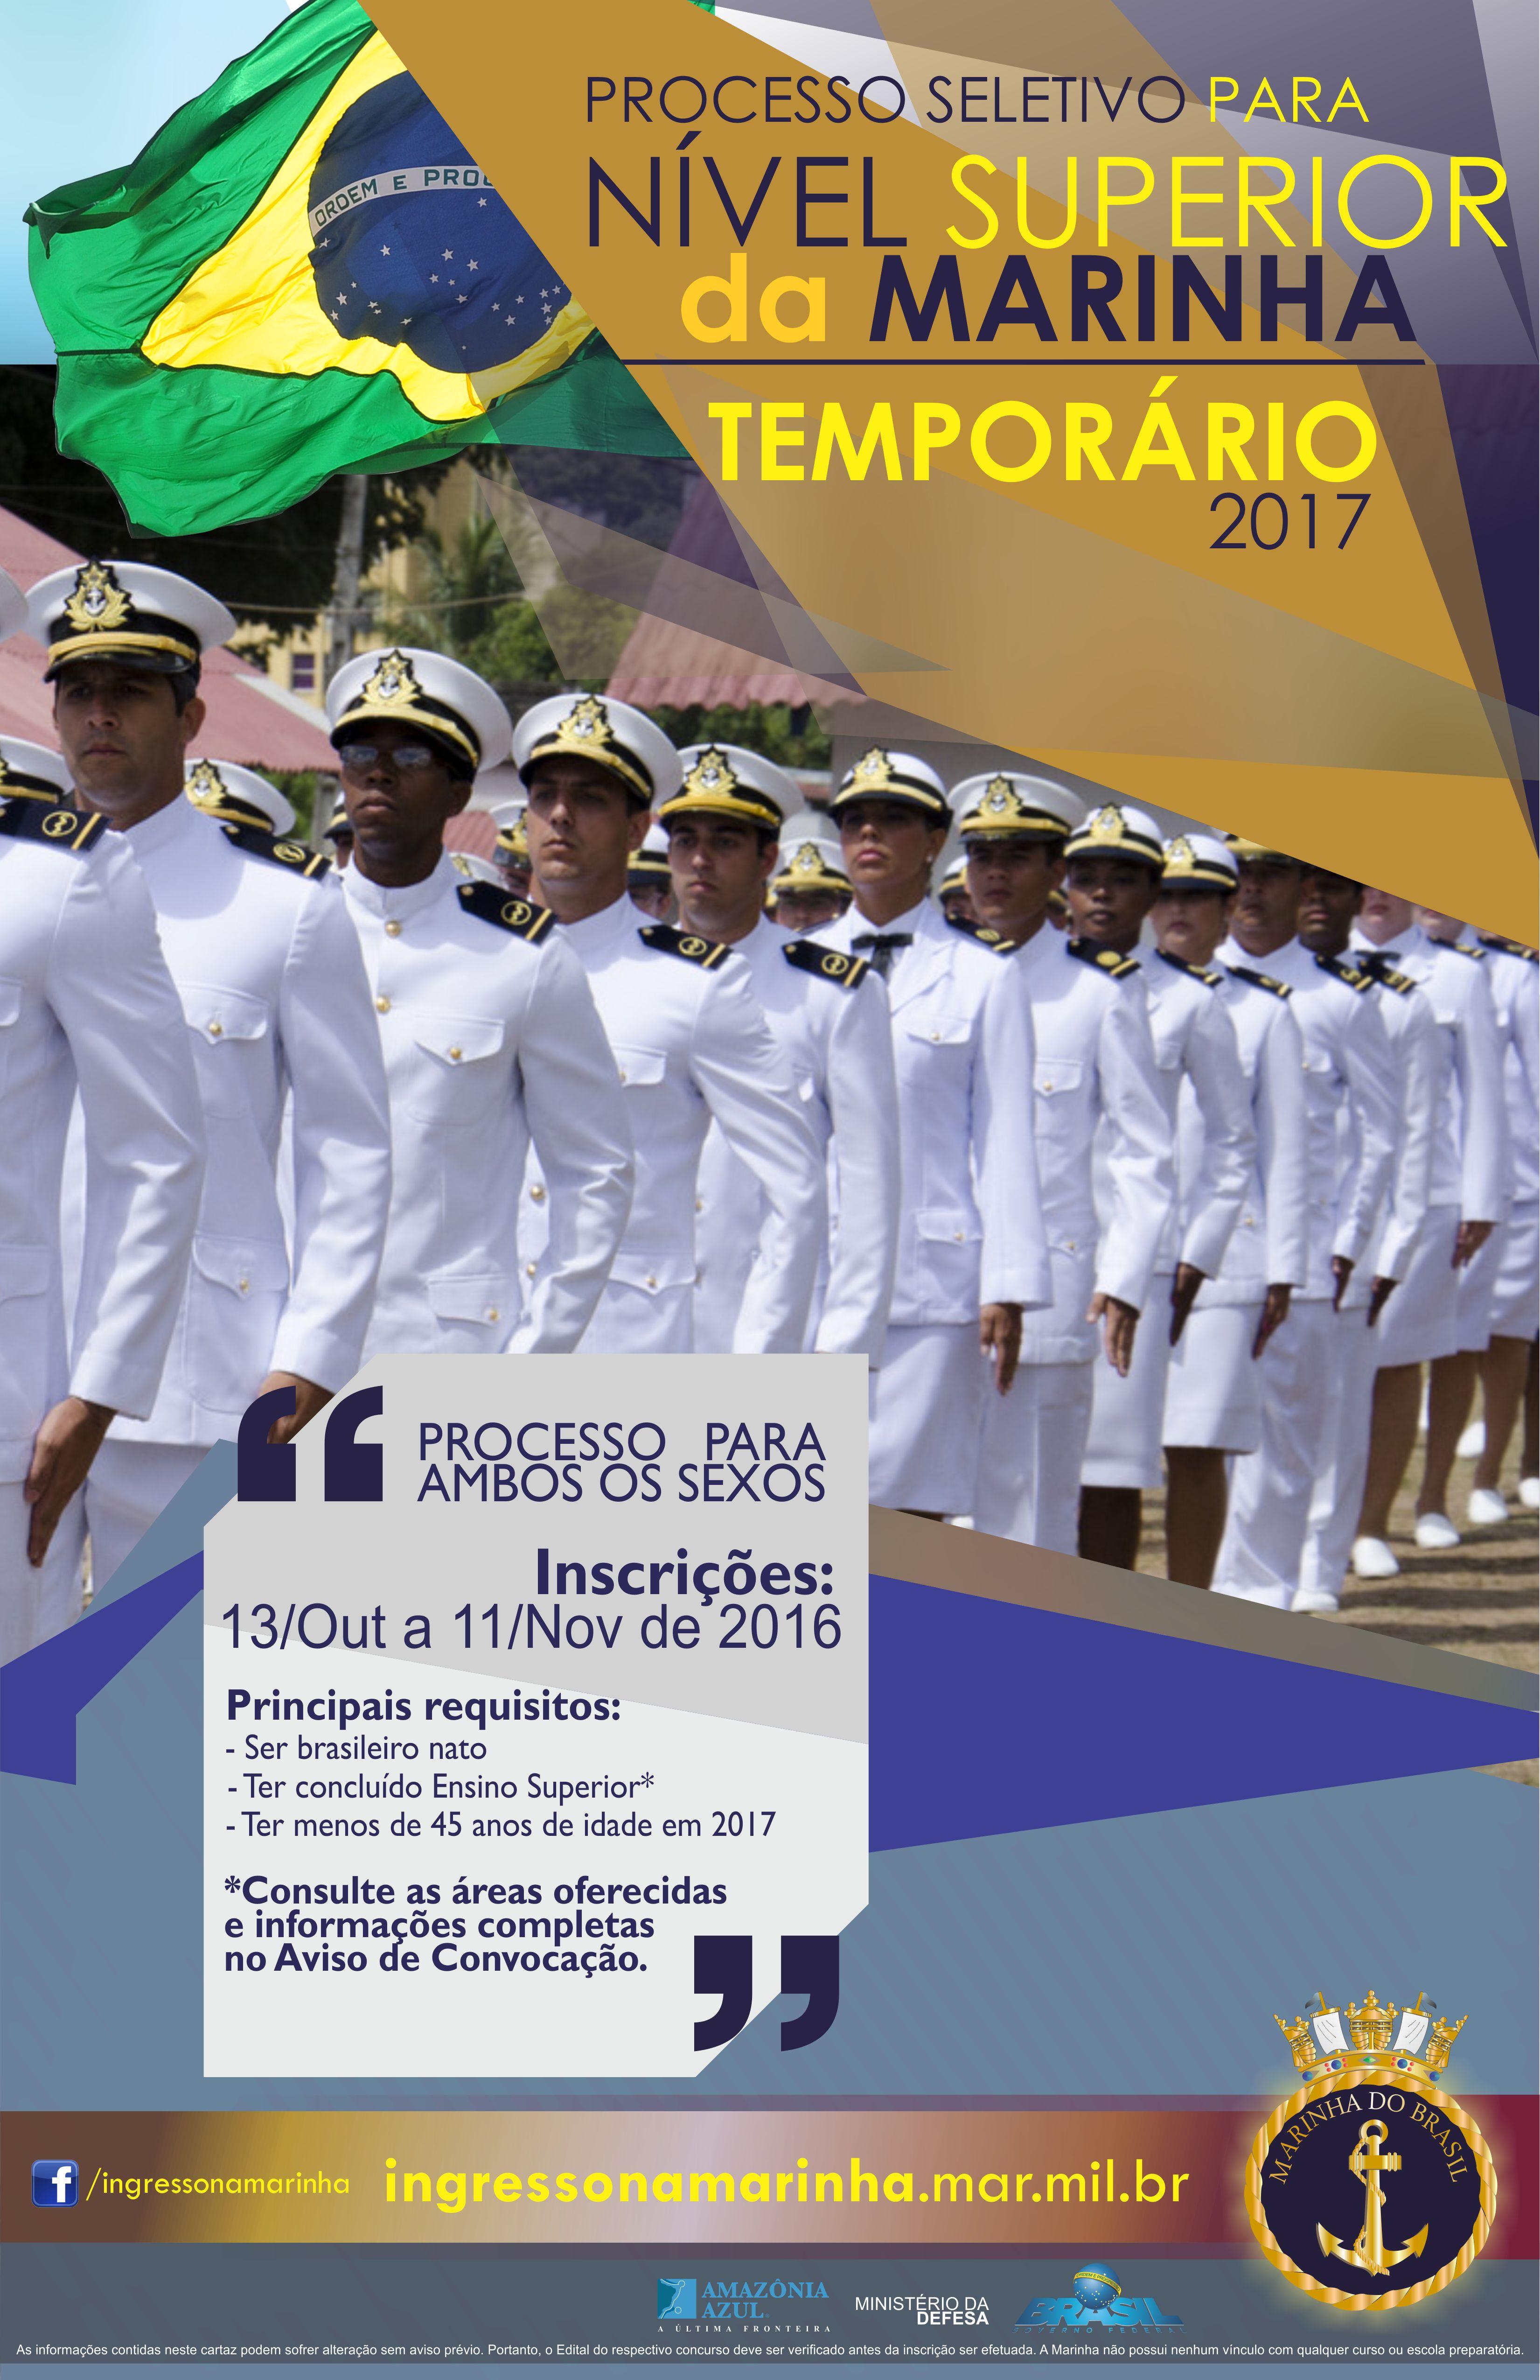 Marinha abre seleção para 450 vagas de nível superior